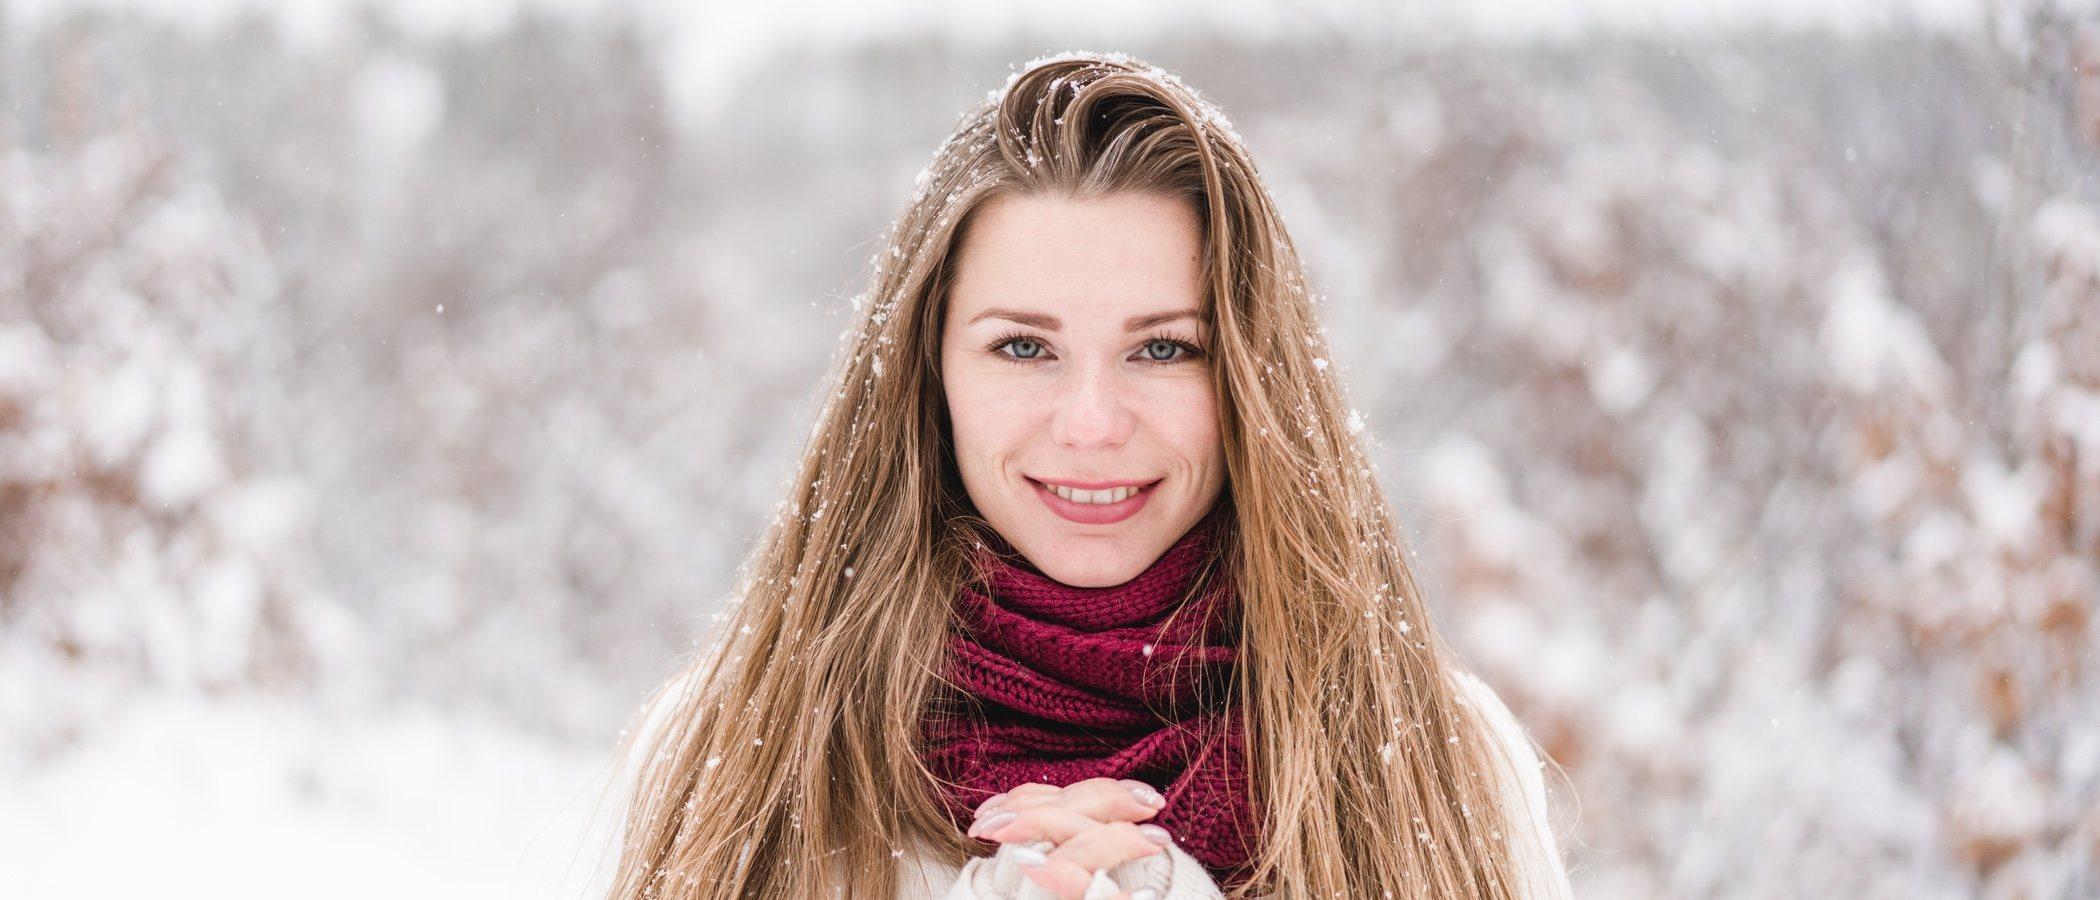 Luce un pelo perfecto en la nieve